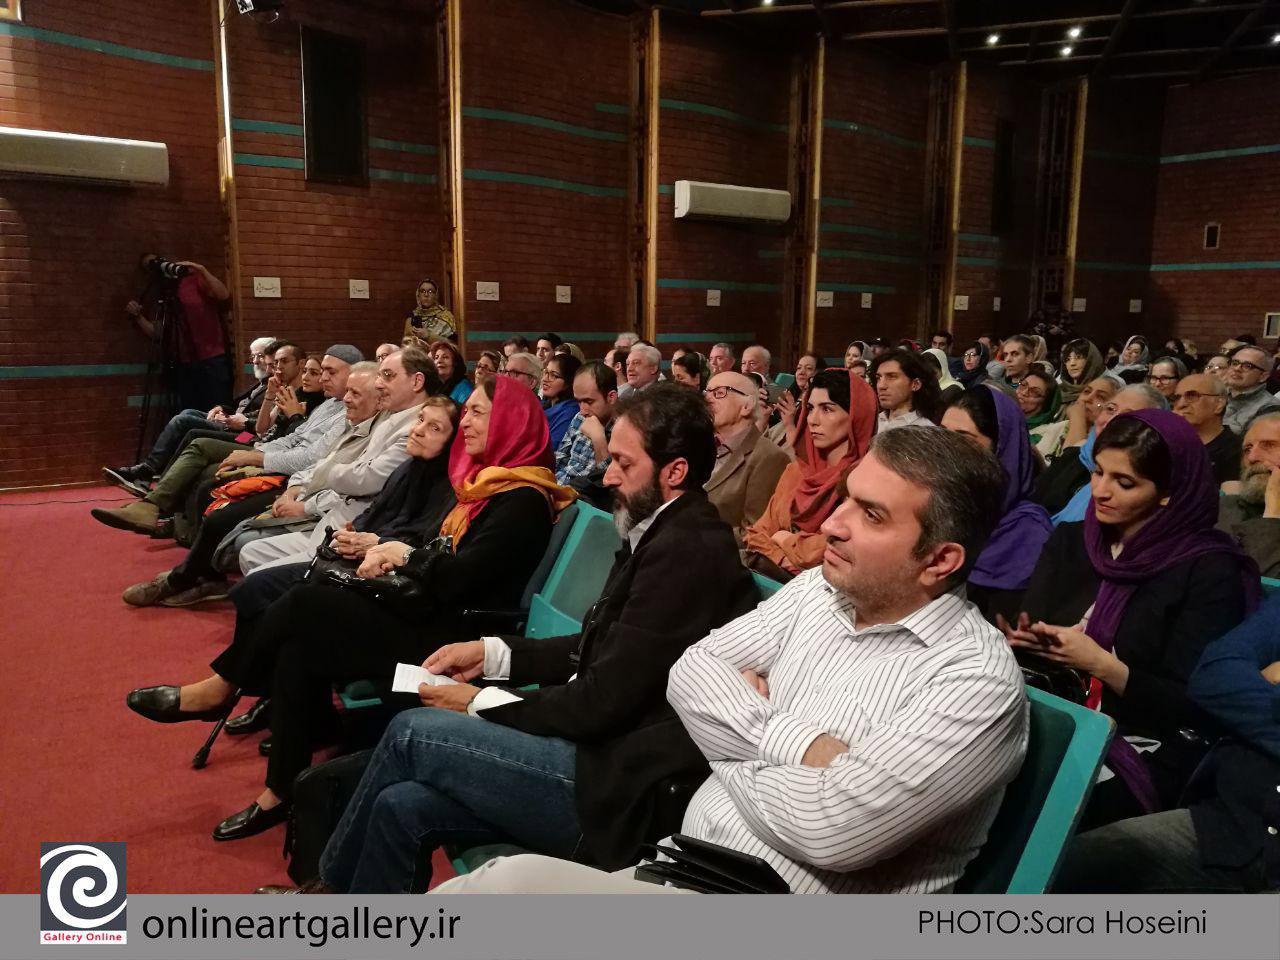 مراسم جشن انتشار کتاب گزیده آثار محمود جوادیپور برگزار شد